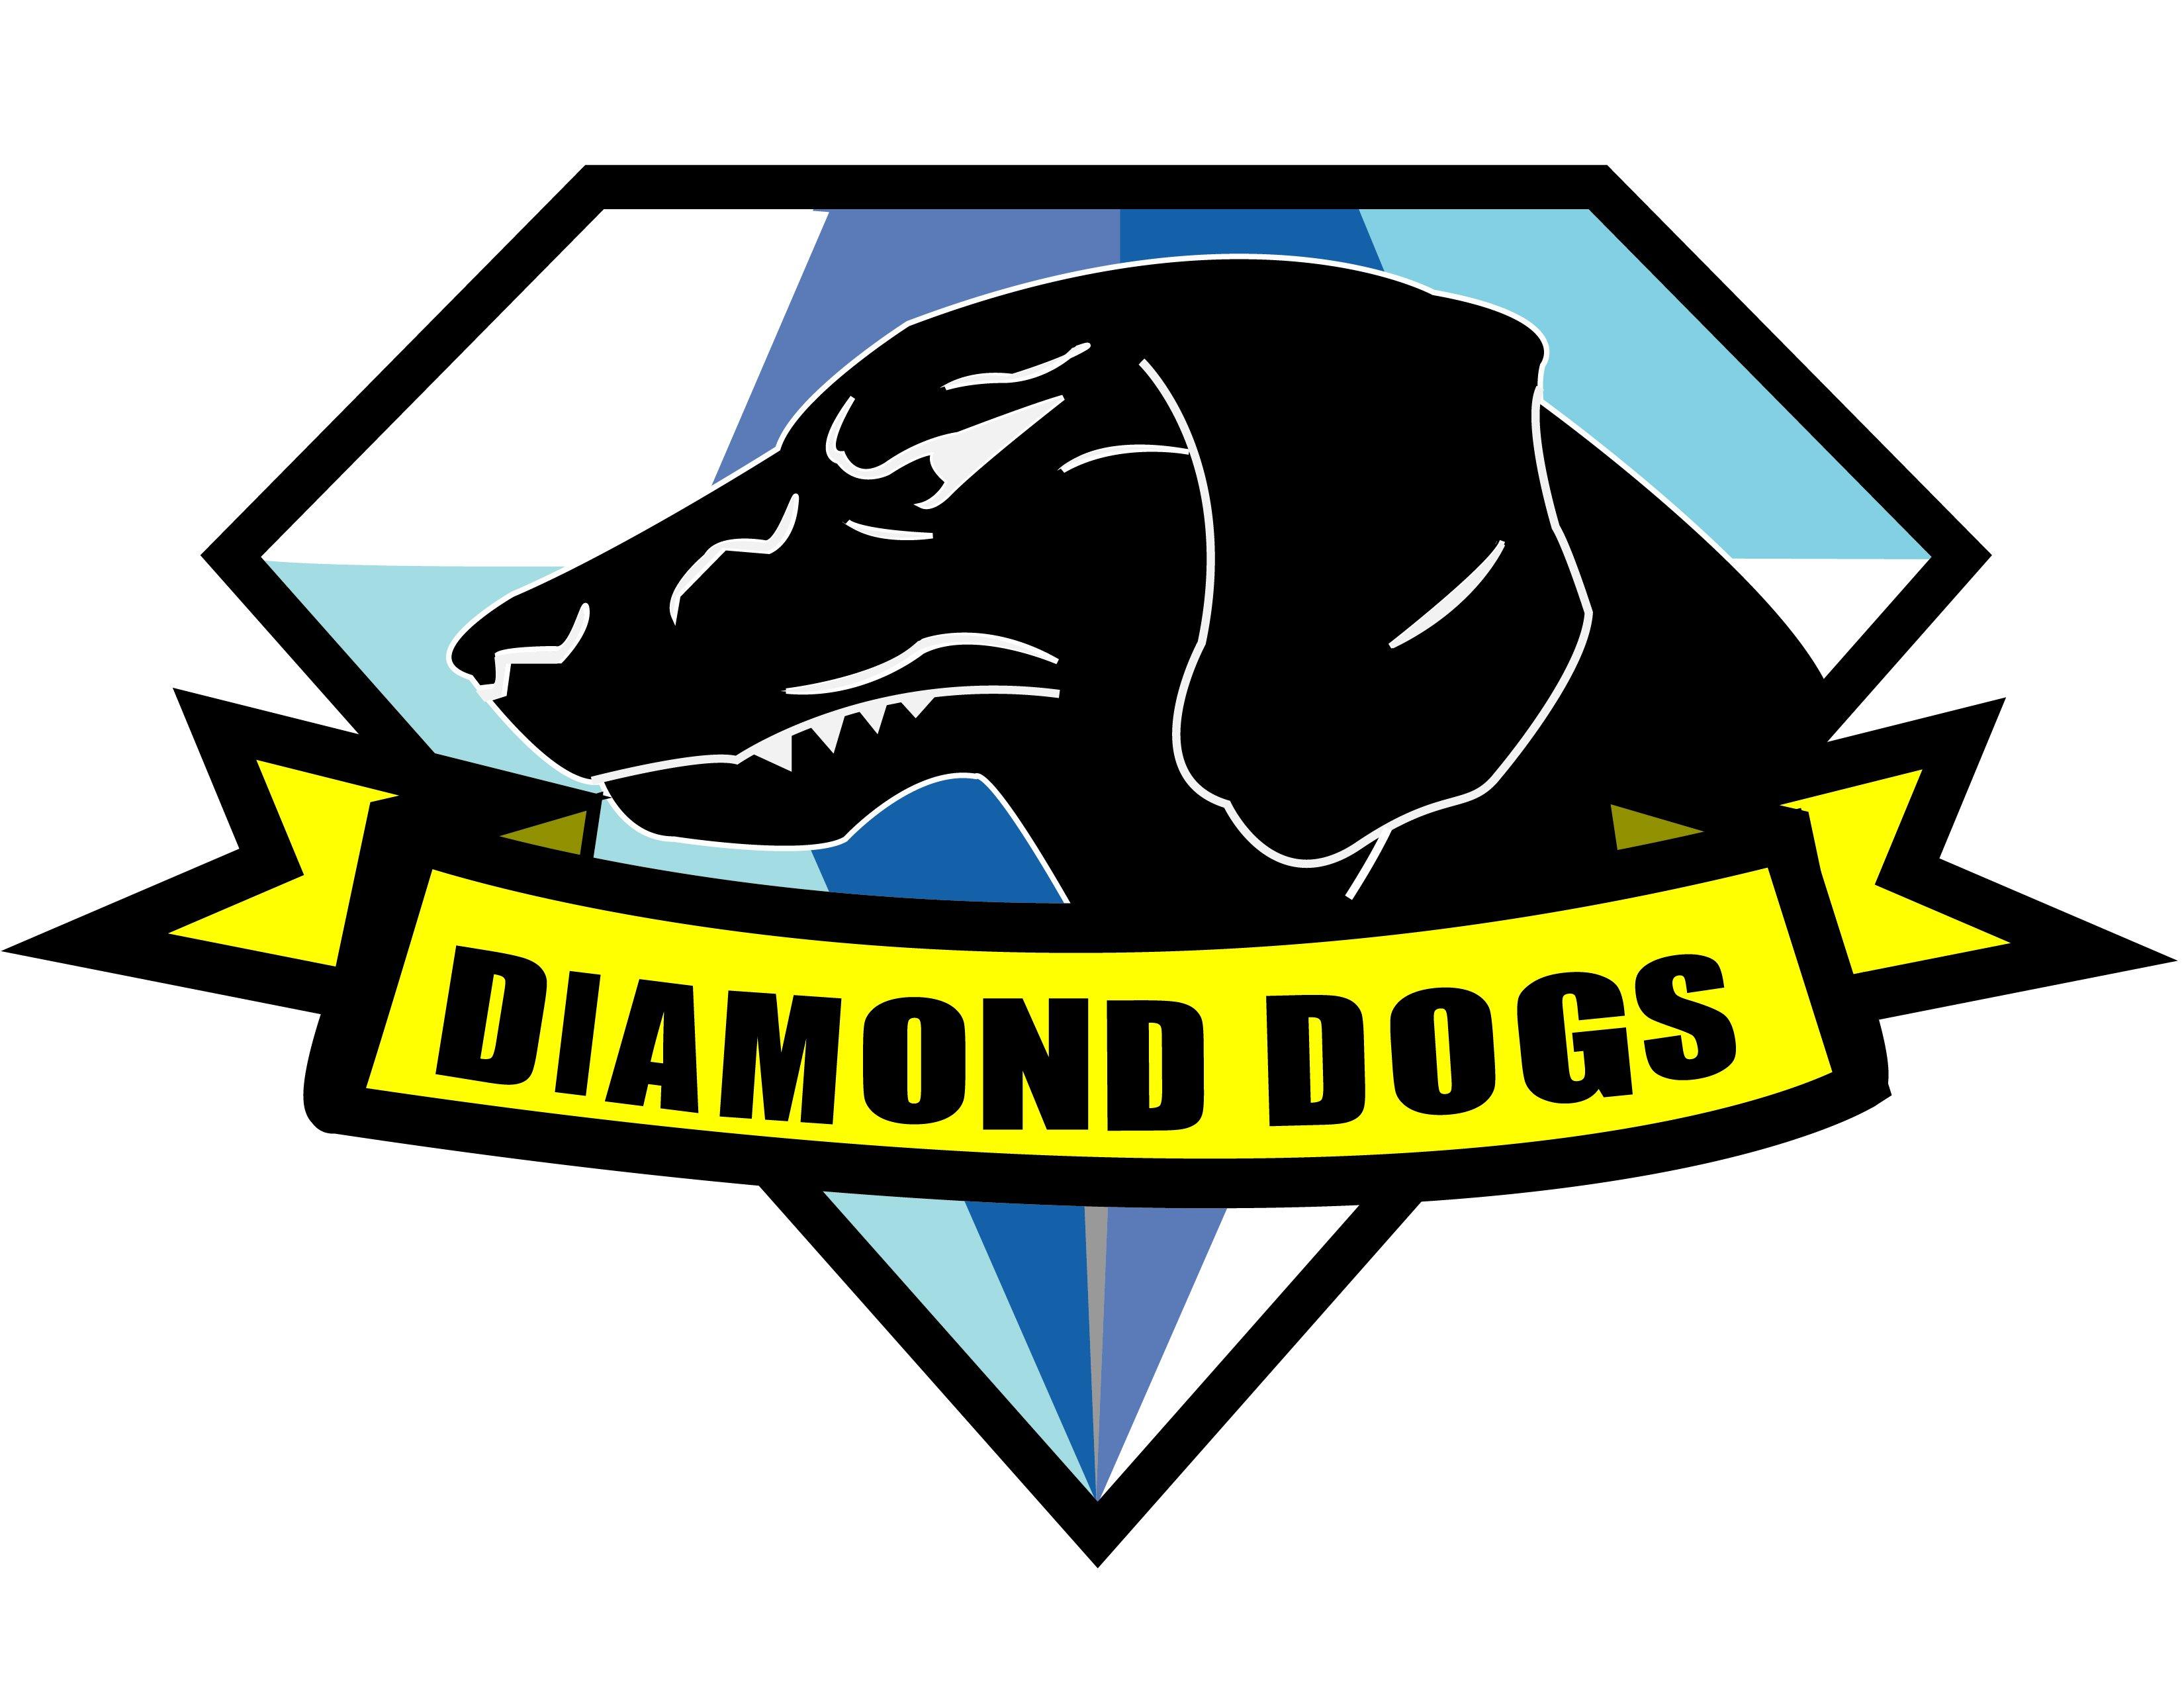 DIAMOND DOGS by AlexZipp 3300x2550